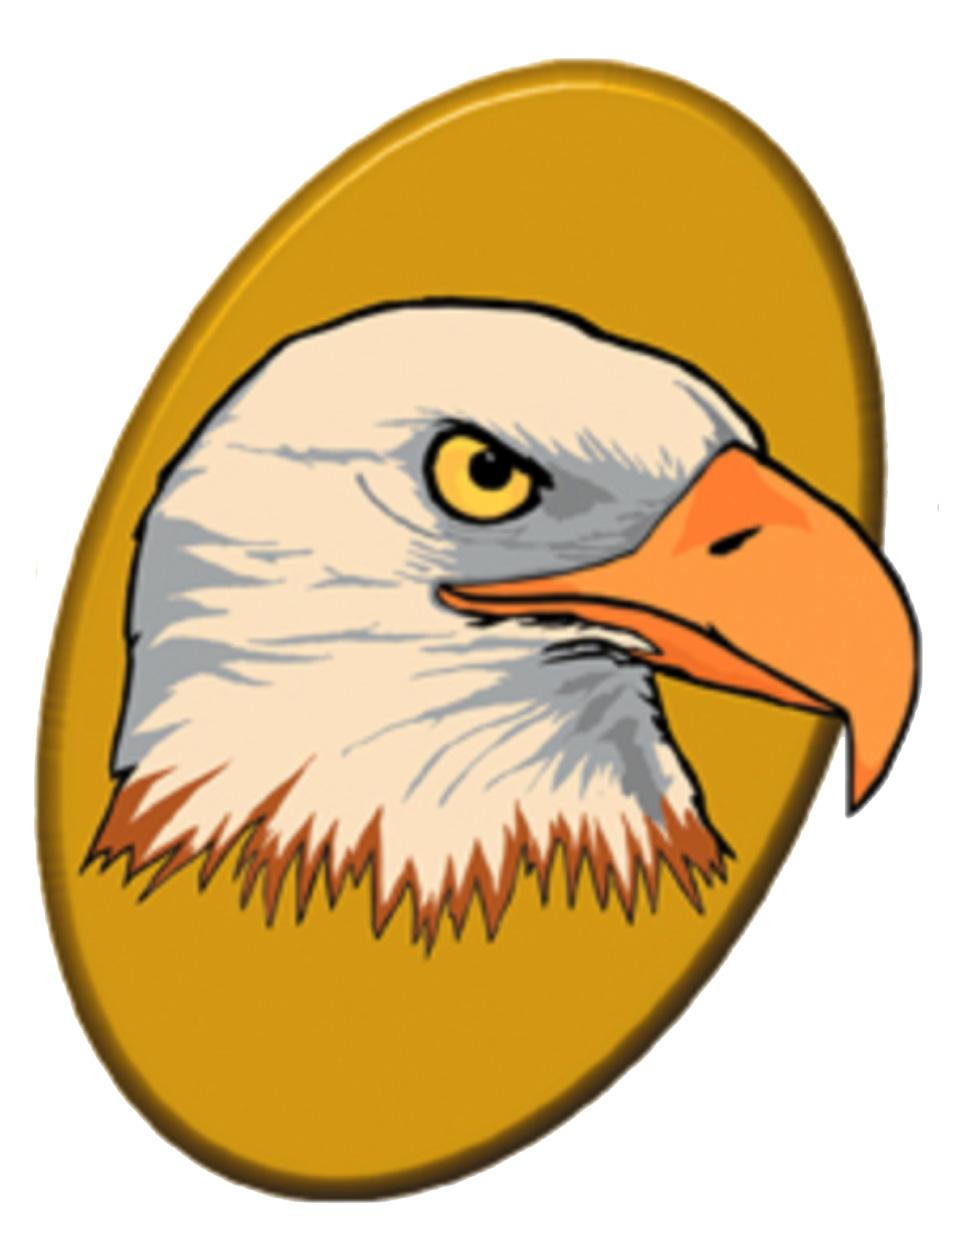 Origamieaglediagram Onoy Rus Cara Membuat Origami Elang Eagle